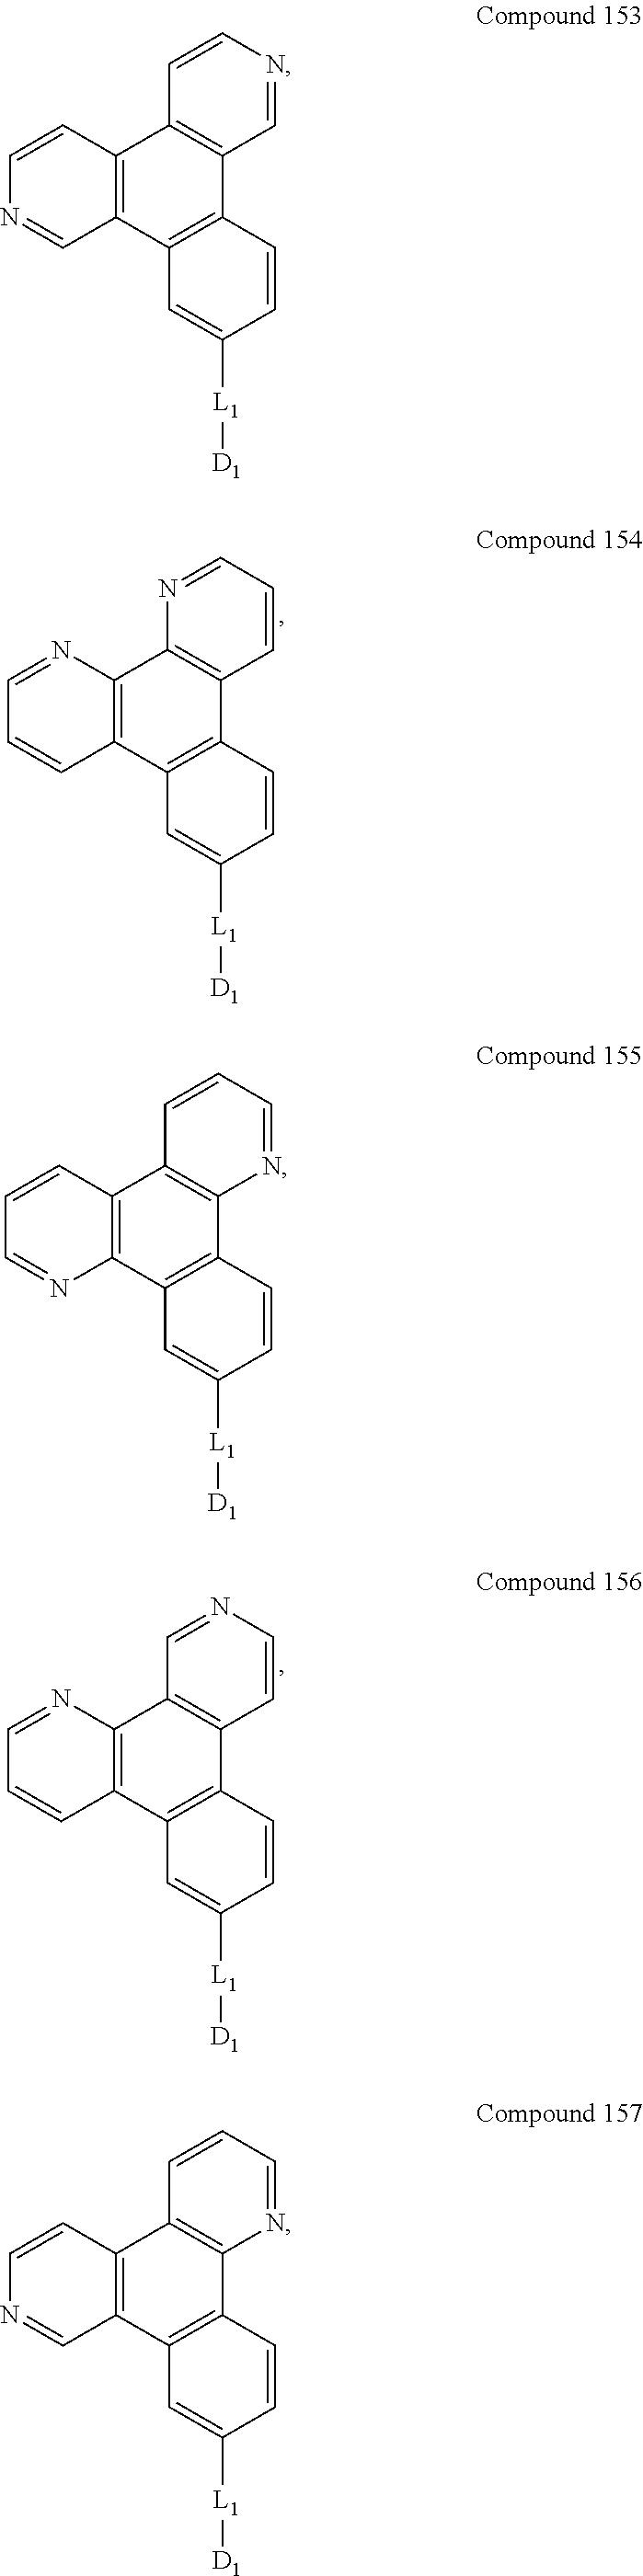 Figure US09537106-20170103-C00609